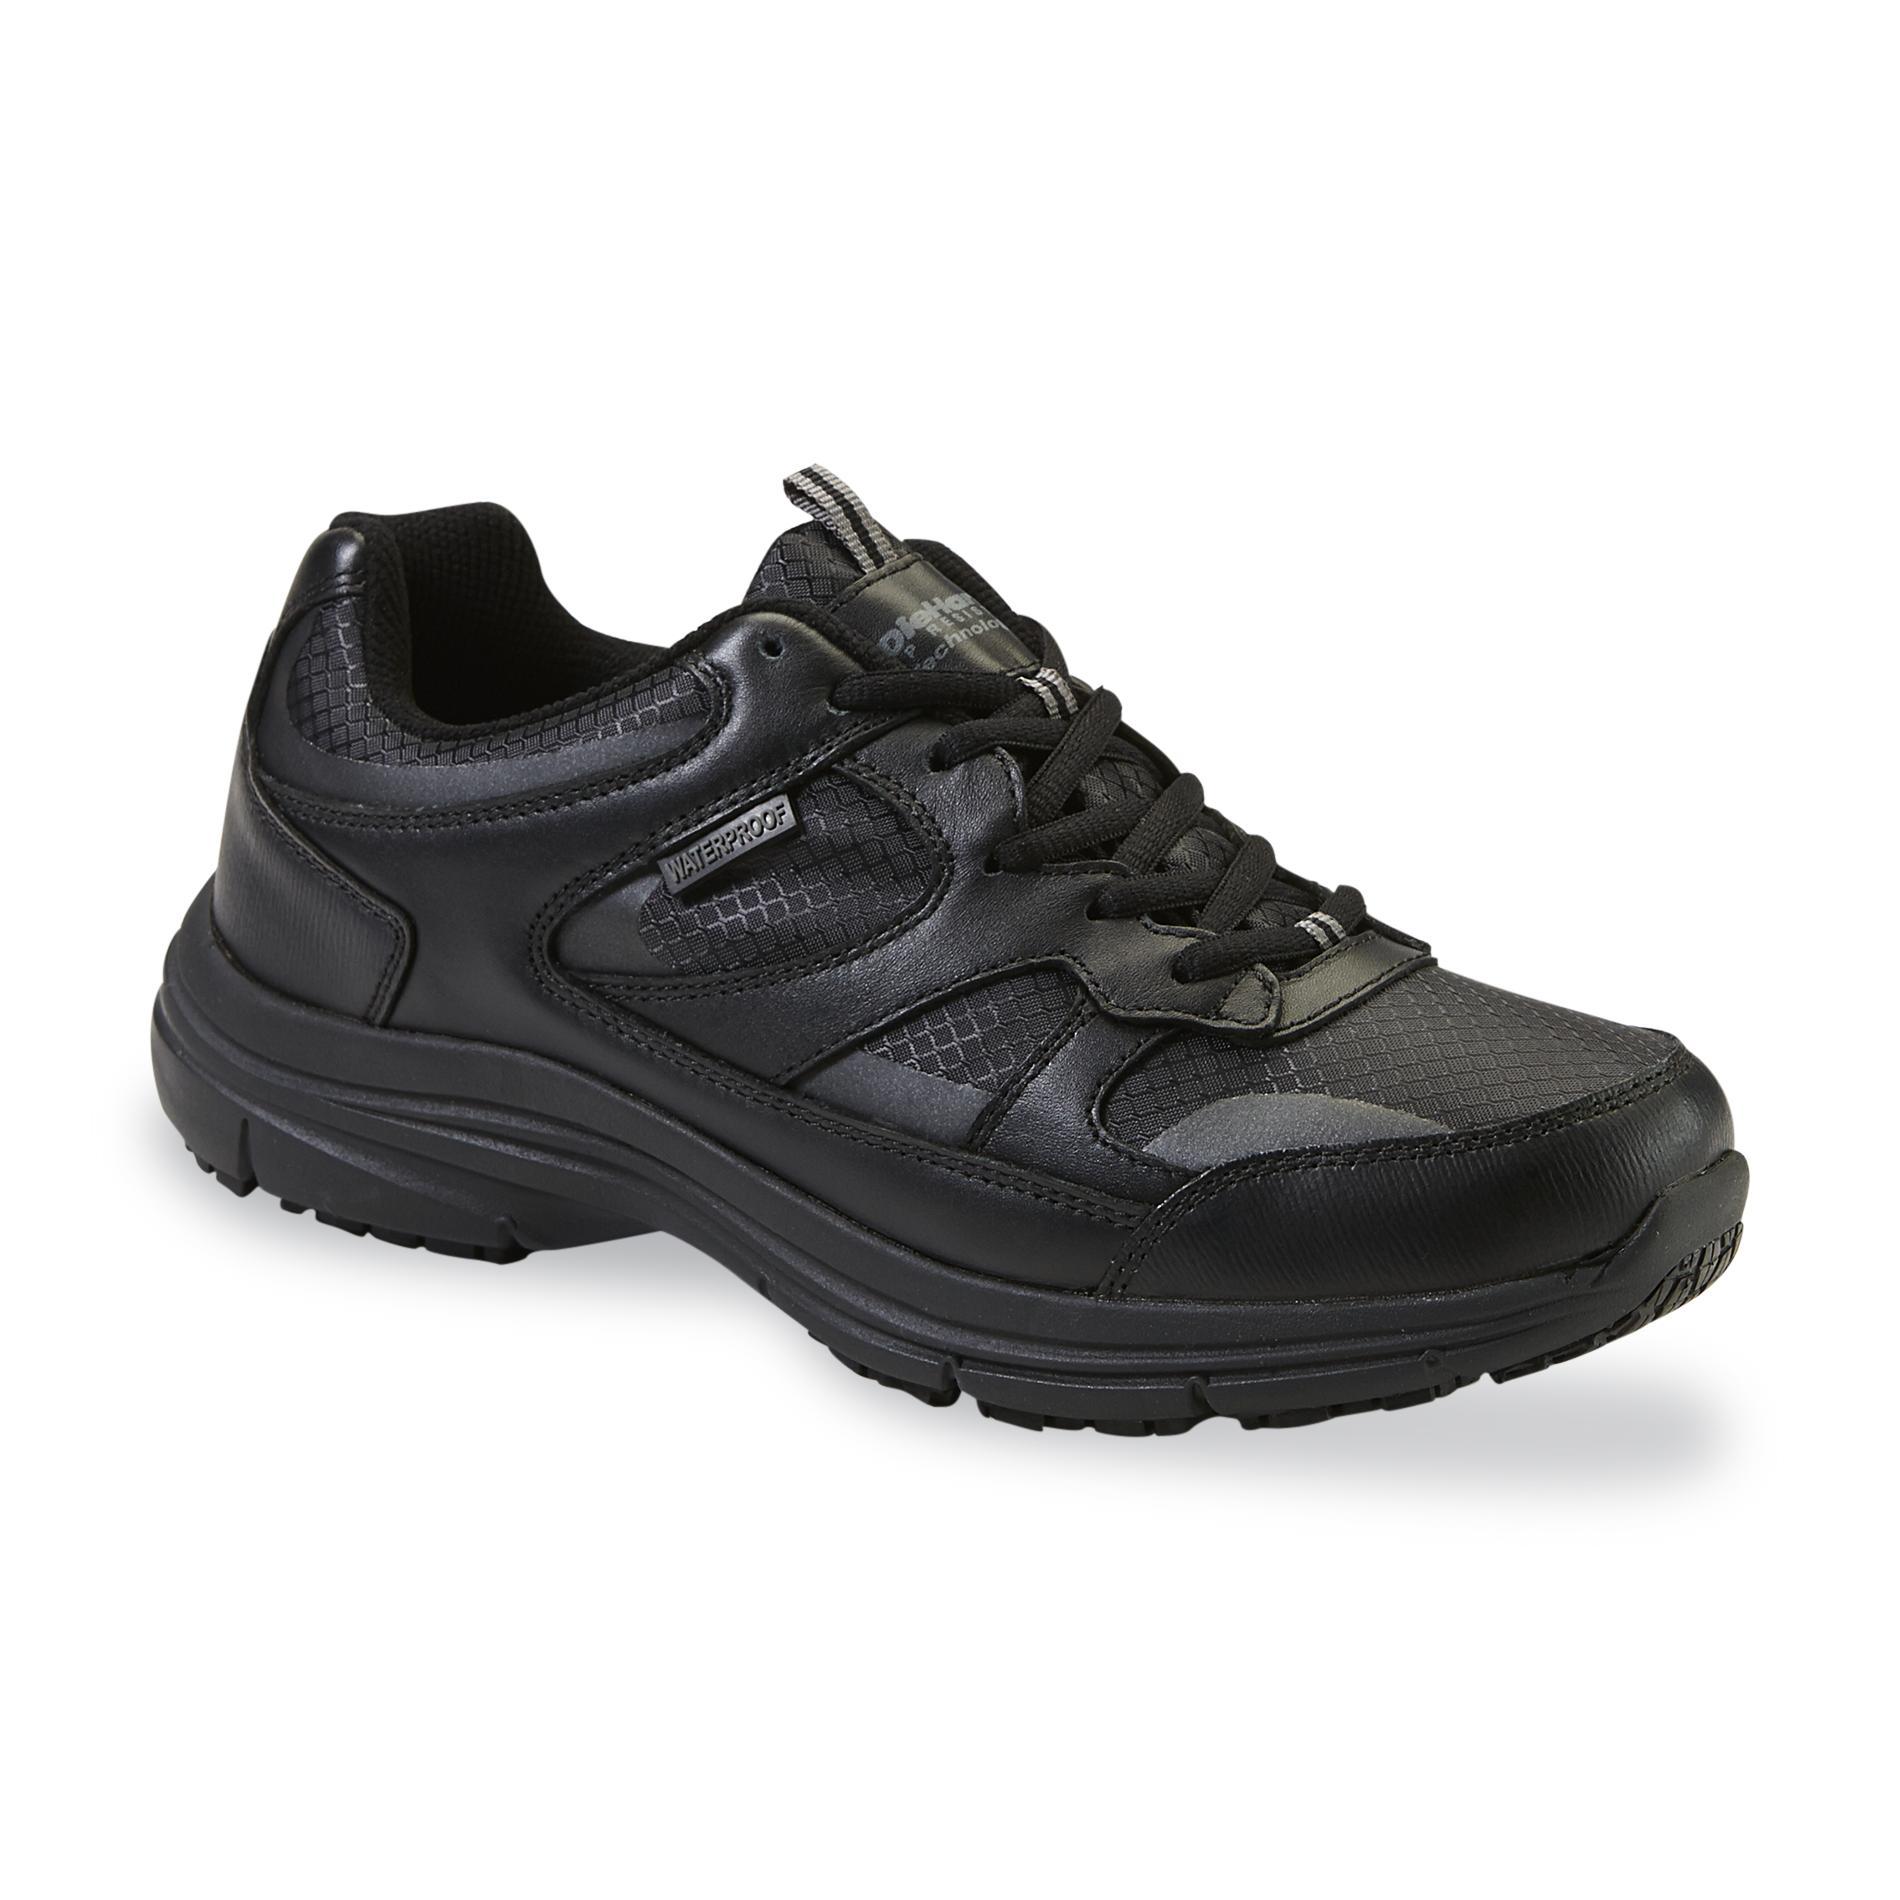 DieHard Mens Mac Soft Toe Waterproof Work Shoe Black